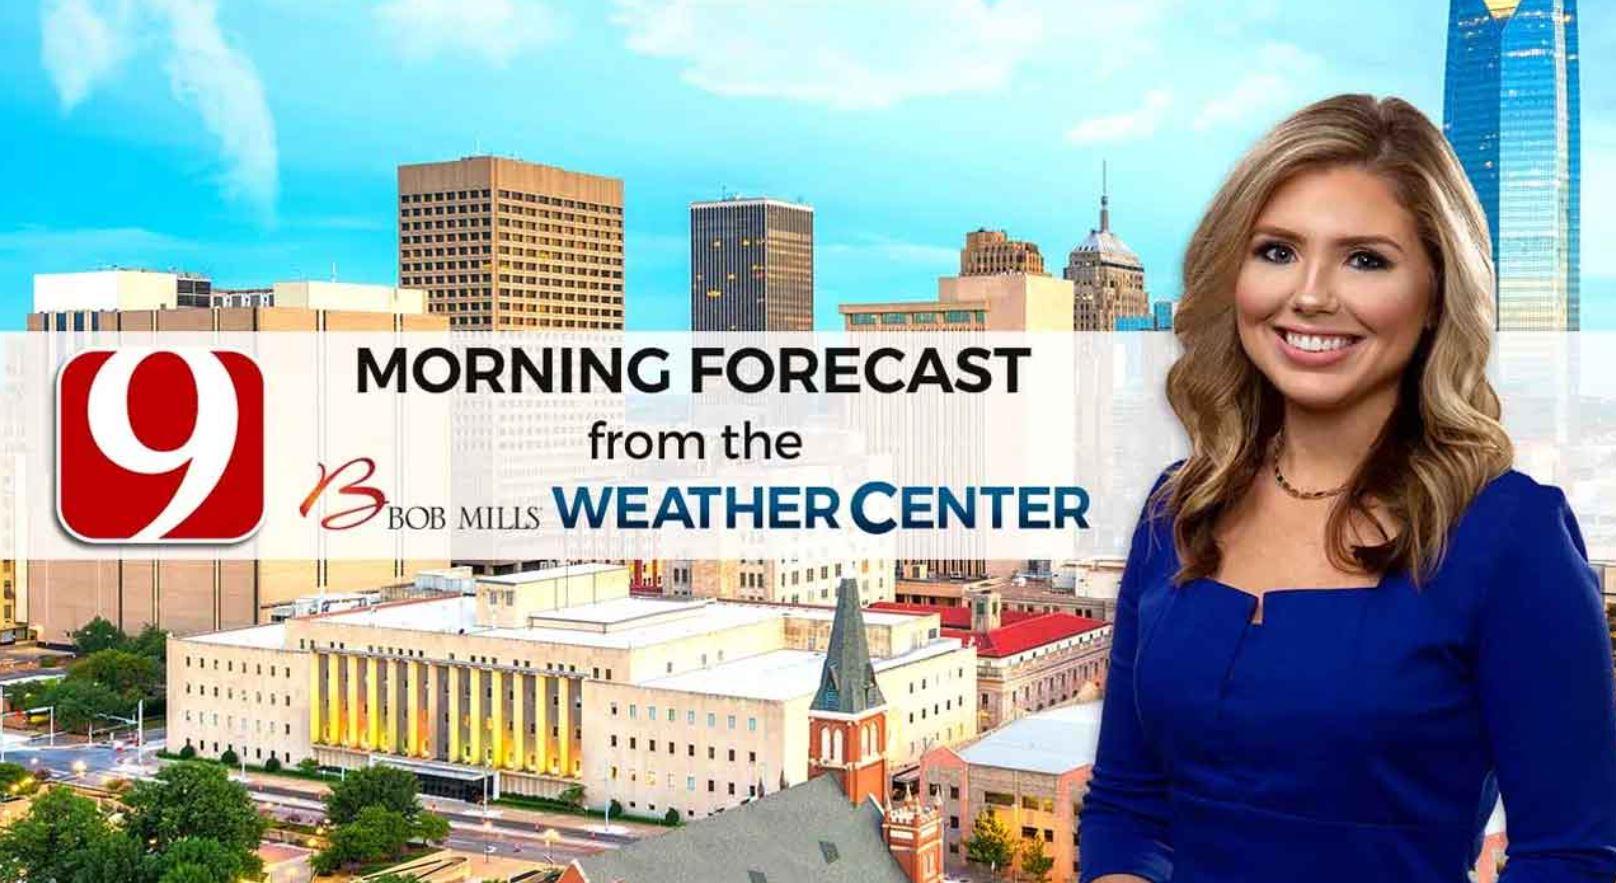 Cassie's 9 A.M. Forecast